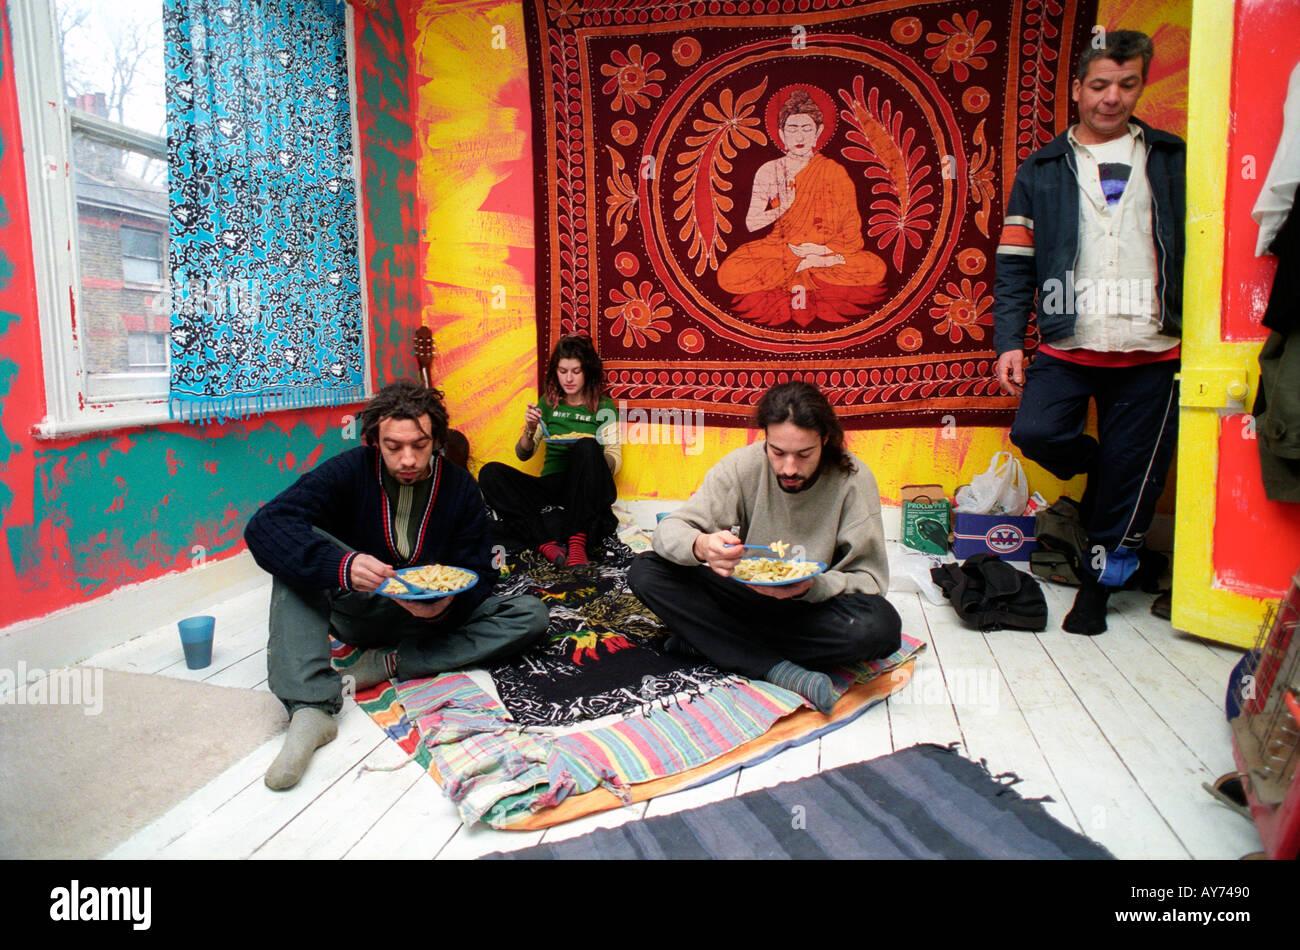 Les squatters ayant un repas dans le sud de Londres, squat. Banque D'Images